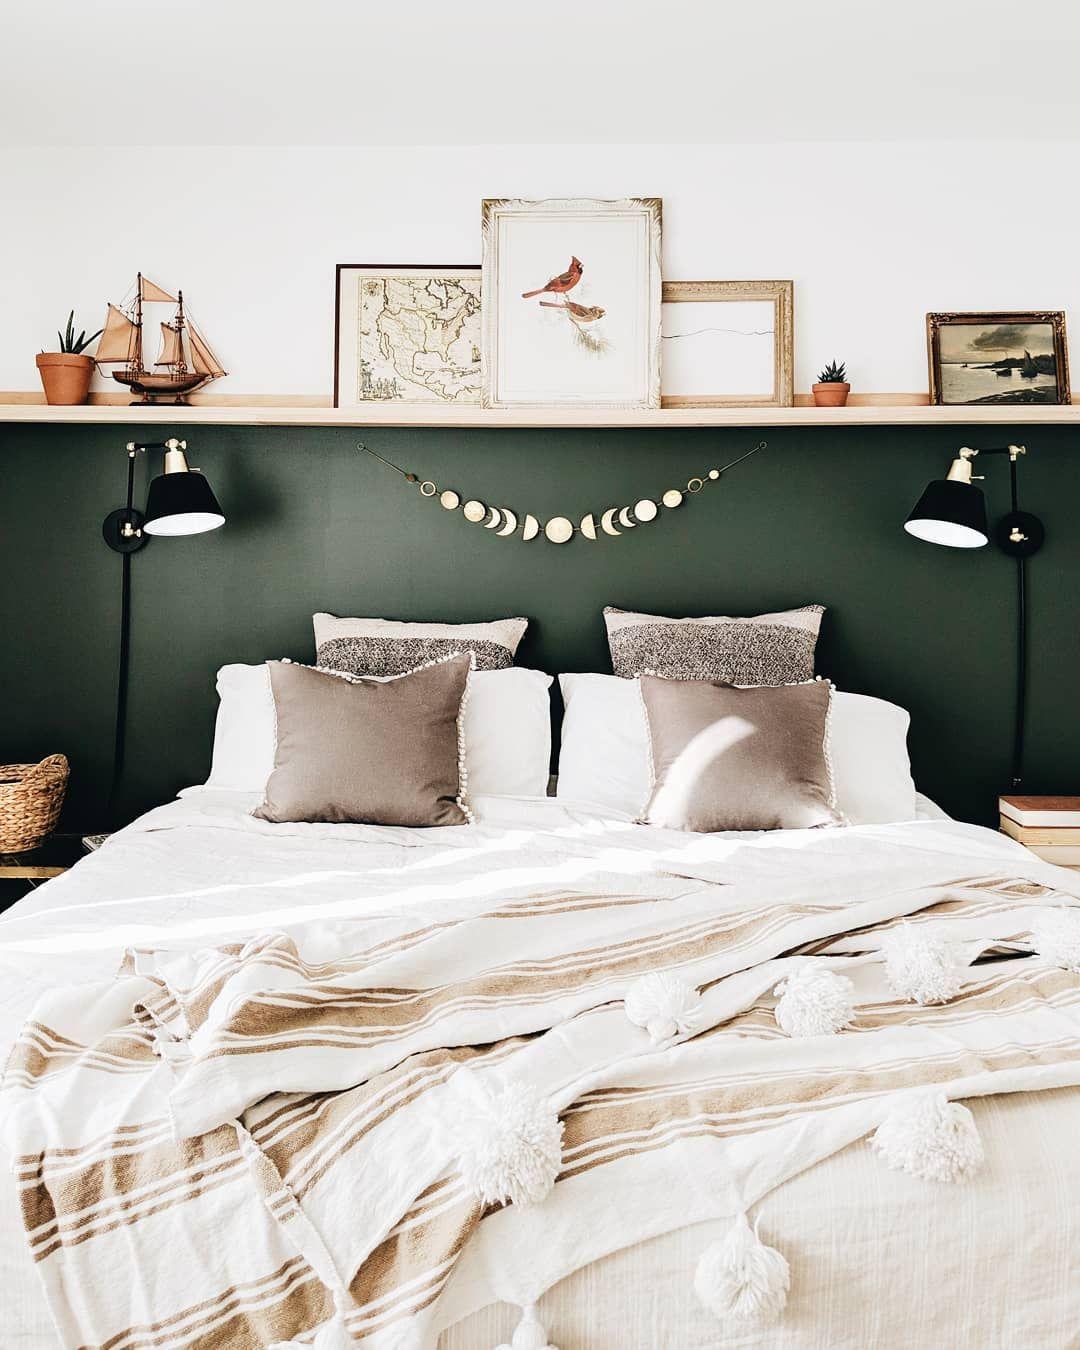 Groen: haal de natuur in huis. Groen werkt, net als de natuur buitenshuis, helend en activerend. Daarbij moet opgemerkt worden dat een interieur met alleen maar groen al snel saai oogt. Combineer het daarom met andere ´koele´ kleuren zoals blauw. Of juist met stoere materialen zoals hout, natuursteen of roestvrij staal.  * * * Credits: @kirsten.diane * * * #tbt #throwbackthursday #inspiratie #interieur #meubels #slaapkamer #bedroom #pillows #slaapkamerideeen